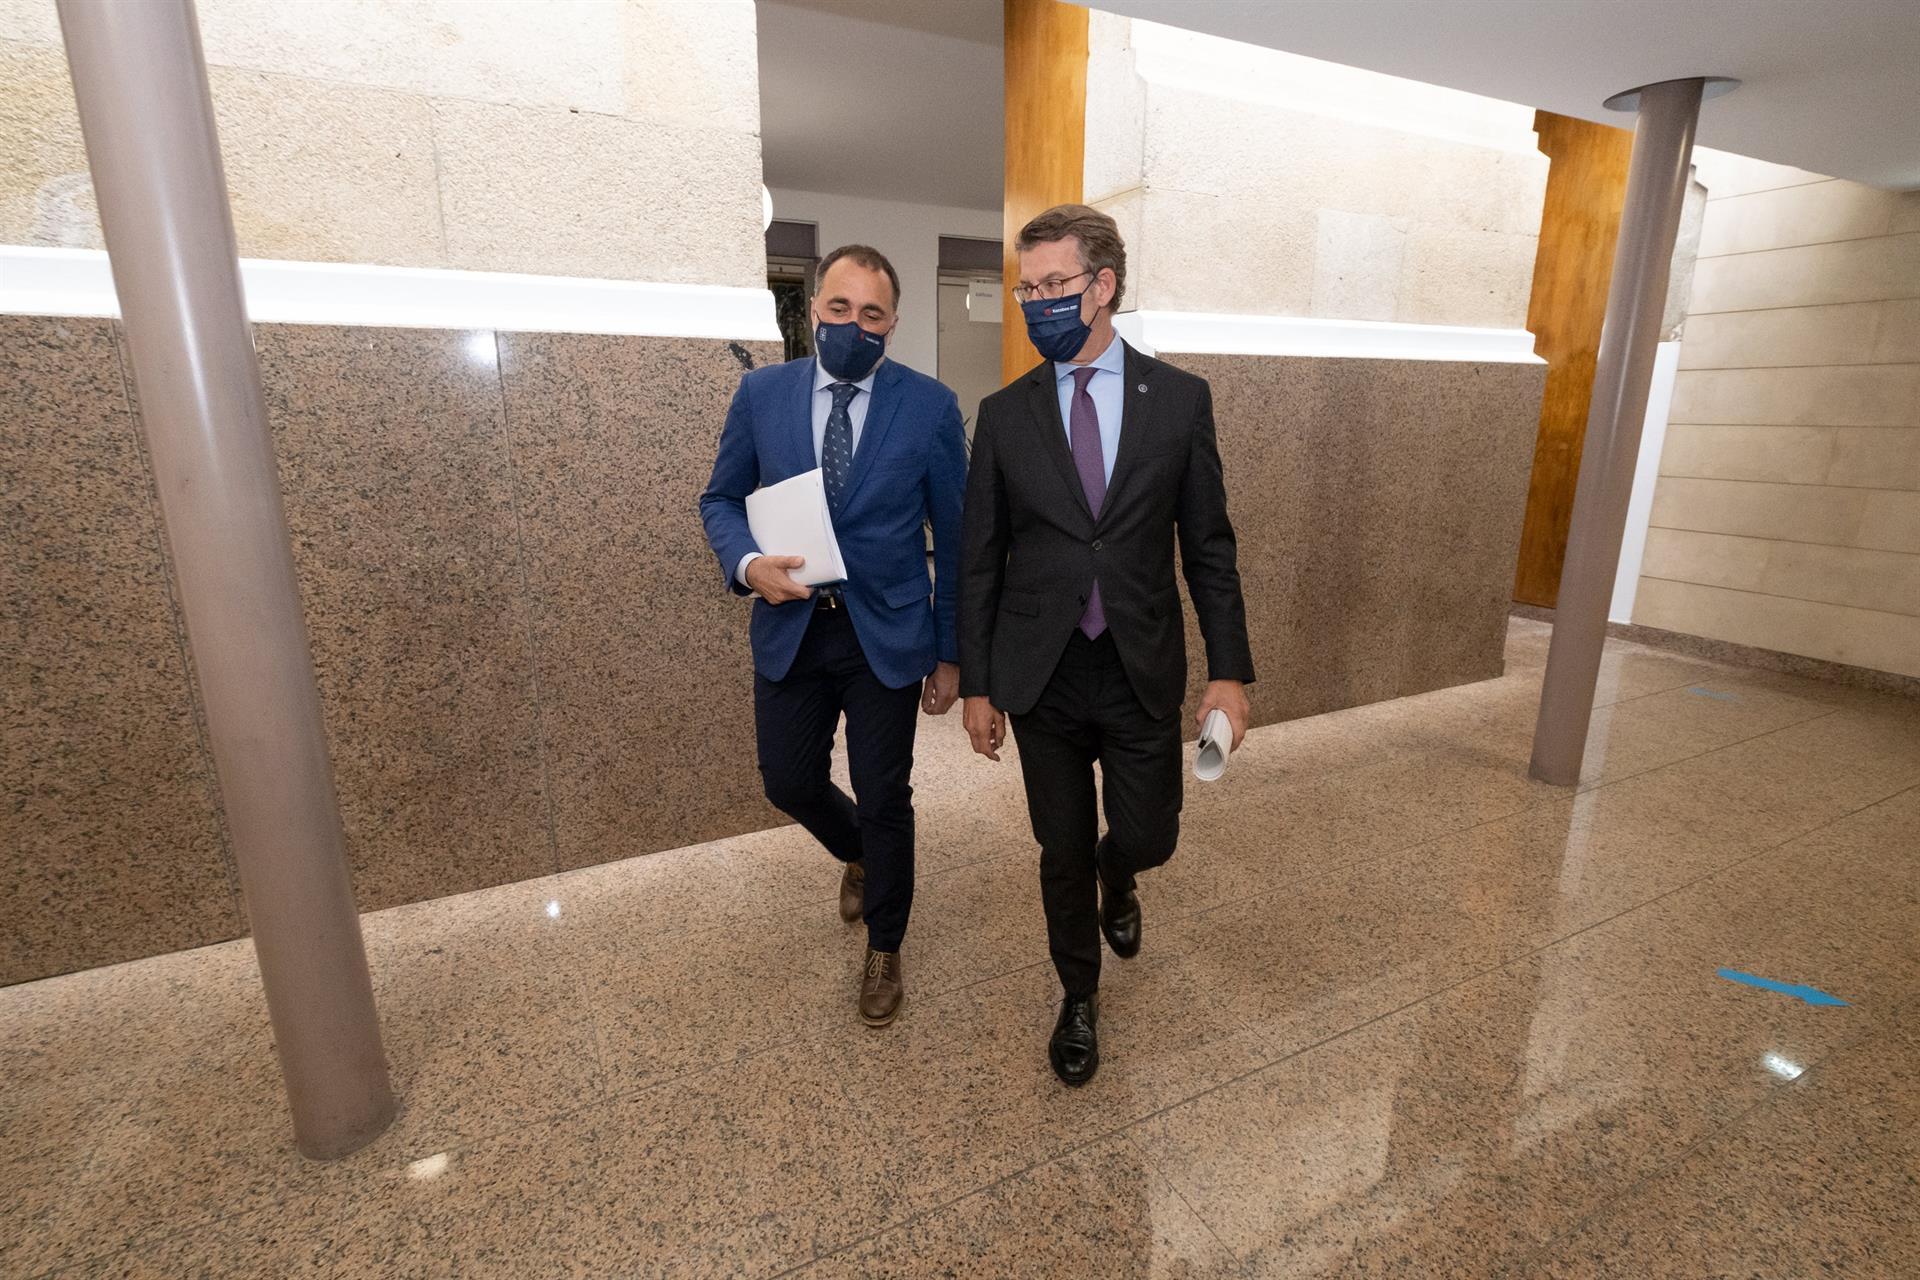 El conselleiro de Sanidade, Julio García Comesaña, junto al presidente de la Xunta, Alberto Núñez Feijóo / David Cabezón